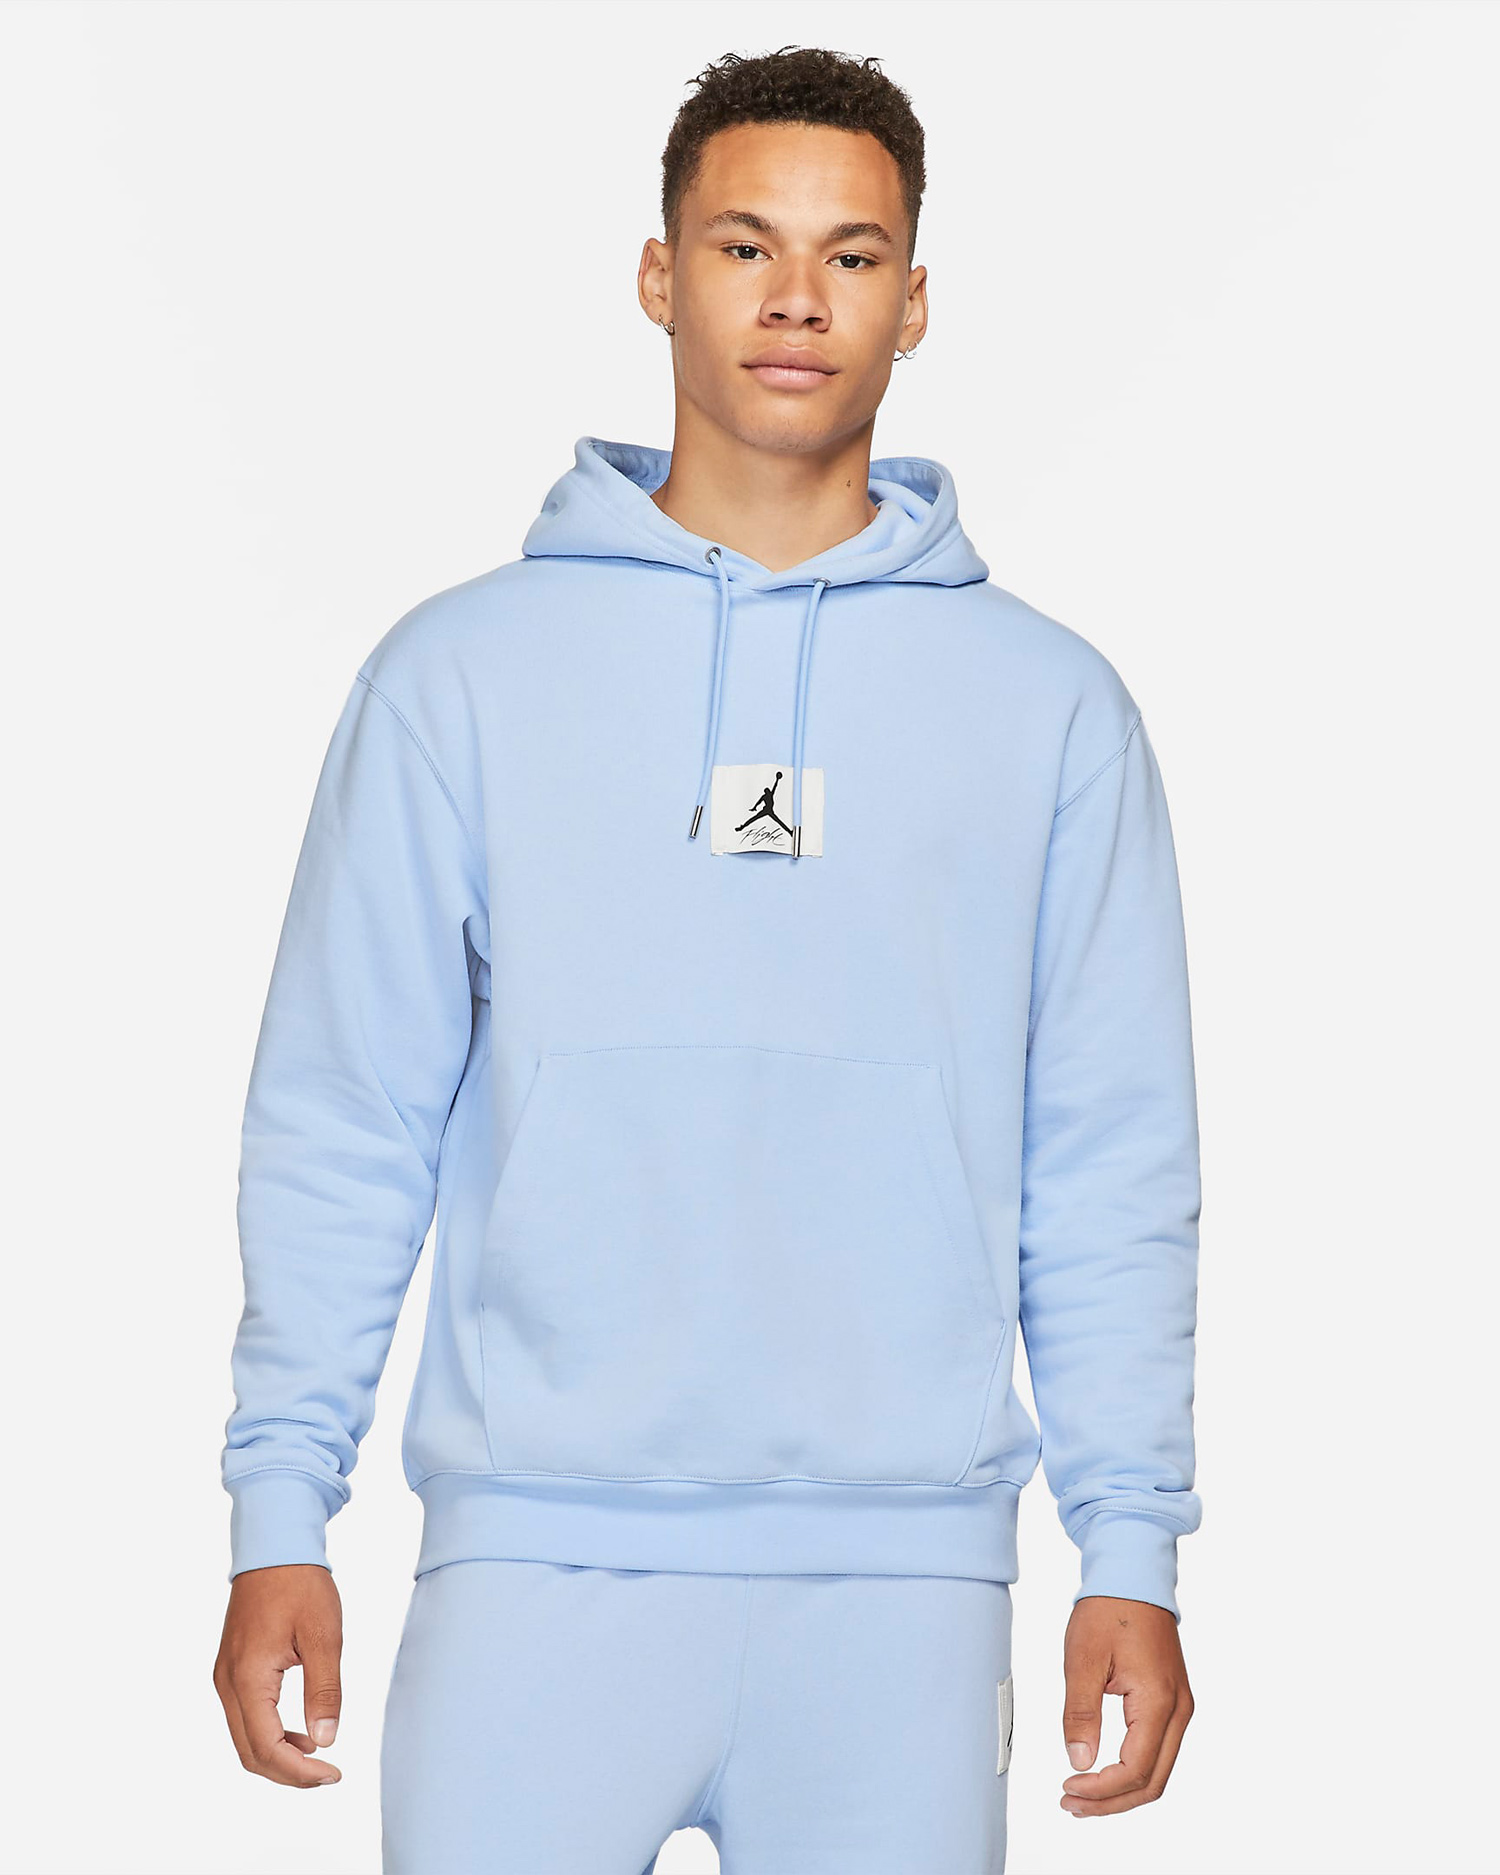 jordan-essentials-statement-hoodie-aluminum-blue